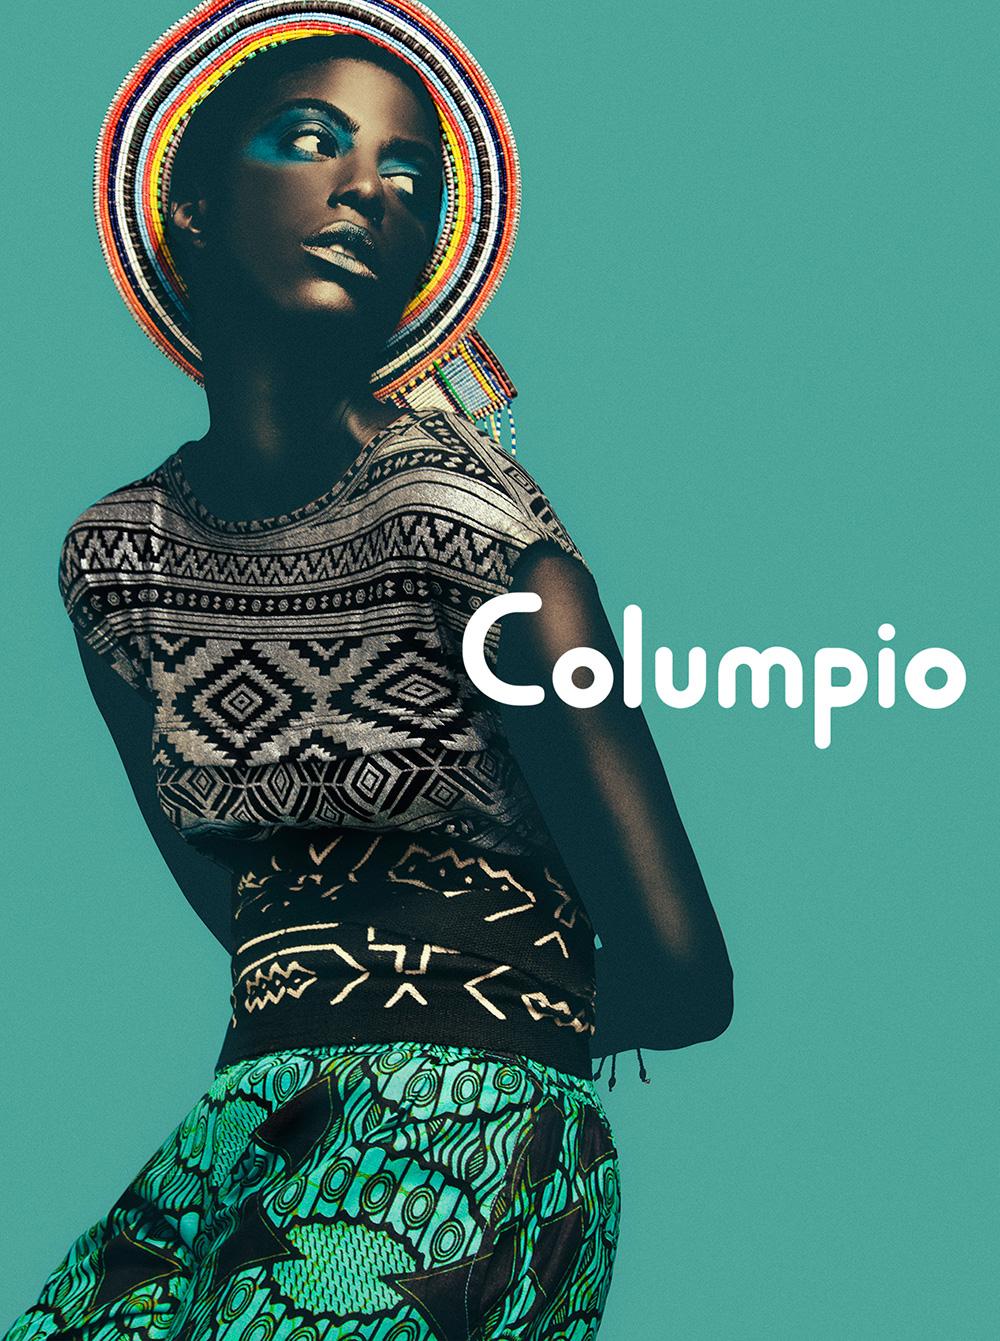 Columpio-1med.jpg